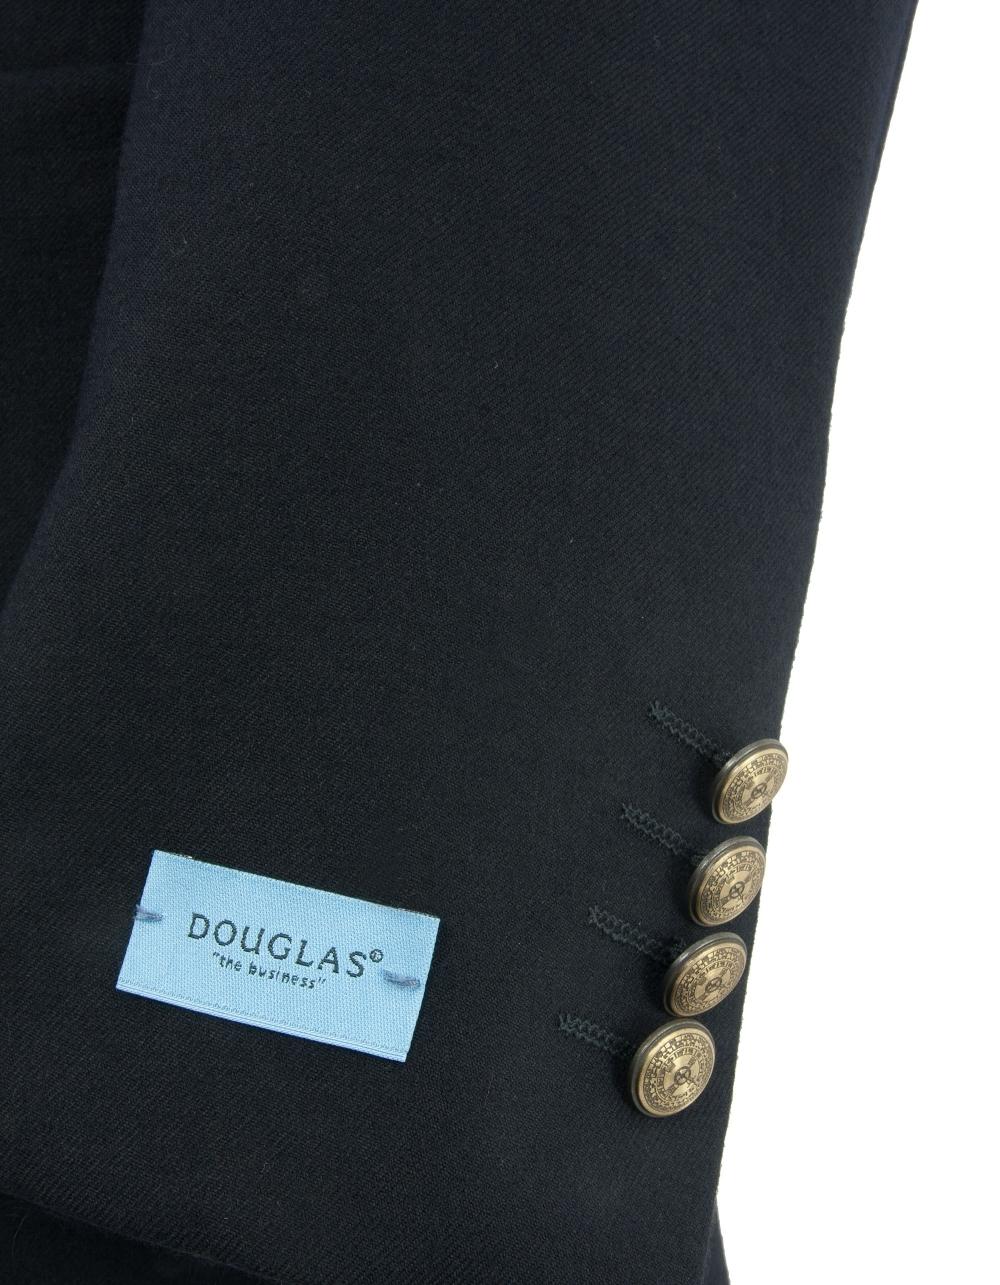 dd2b1f10d Douglas Pure New Wool Blazer - Navy